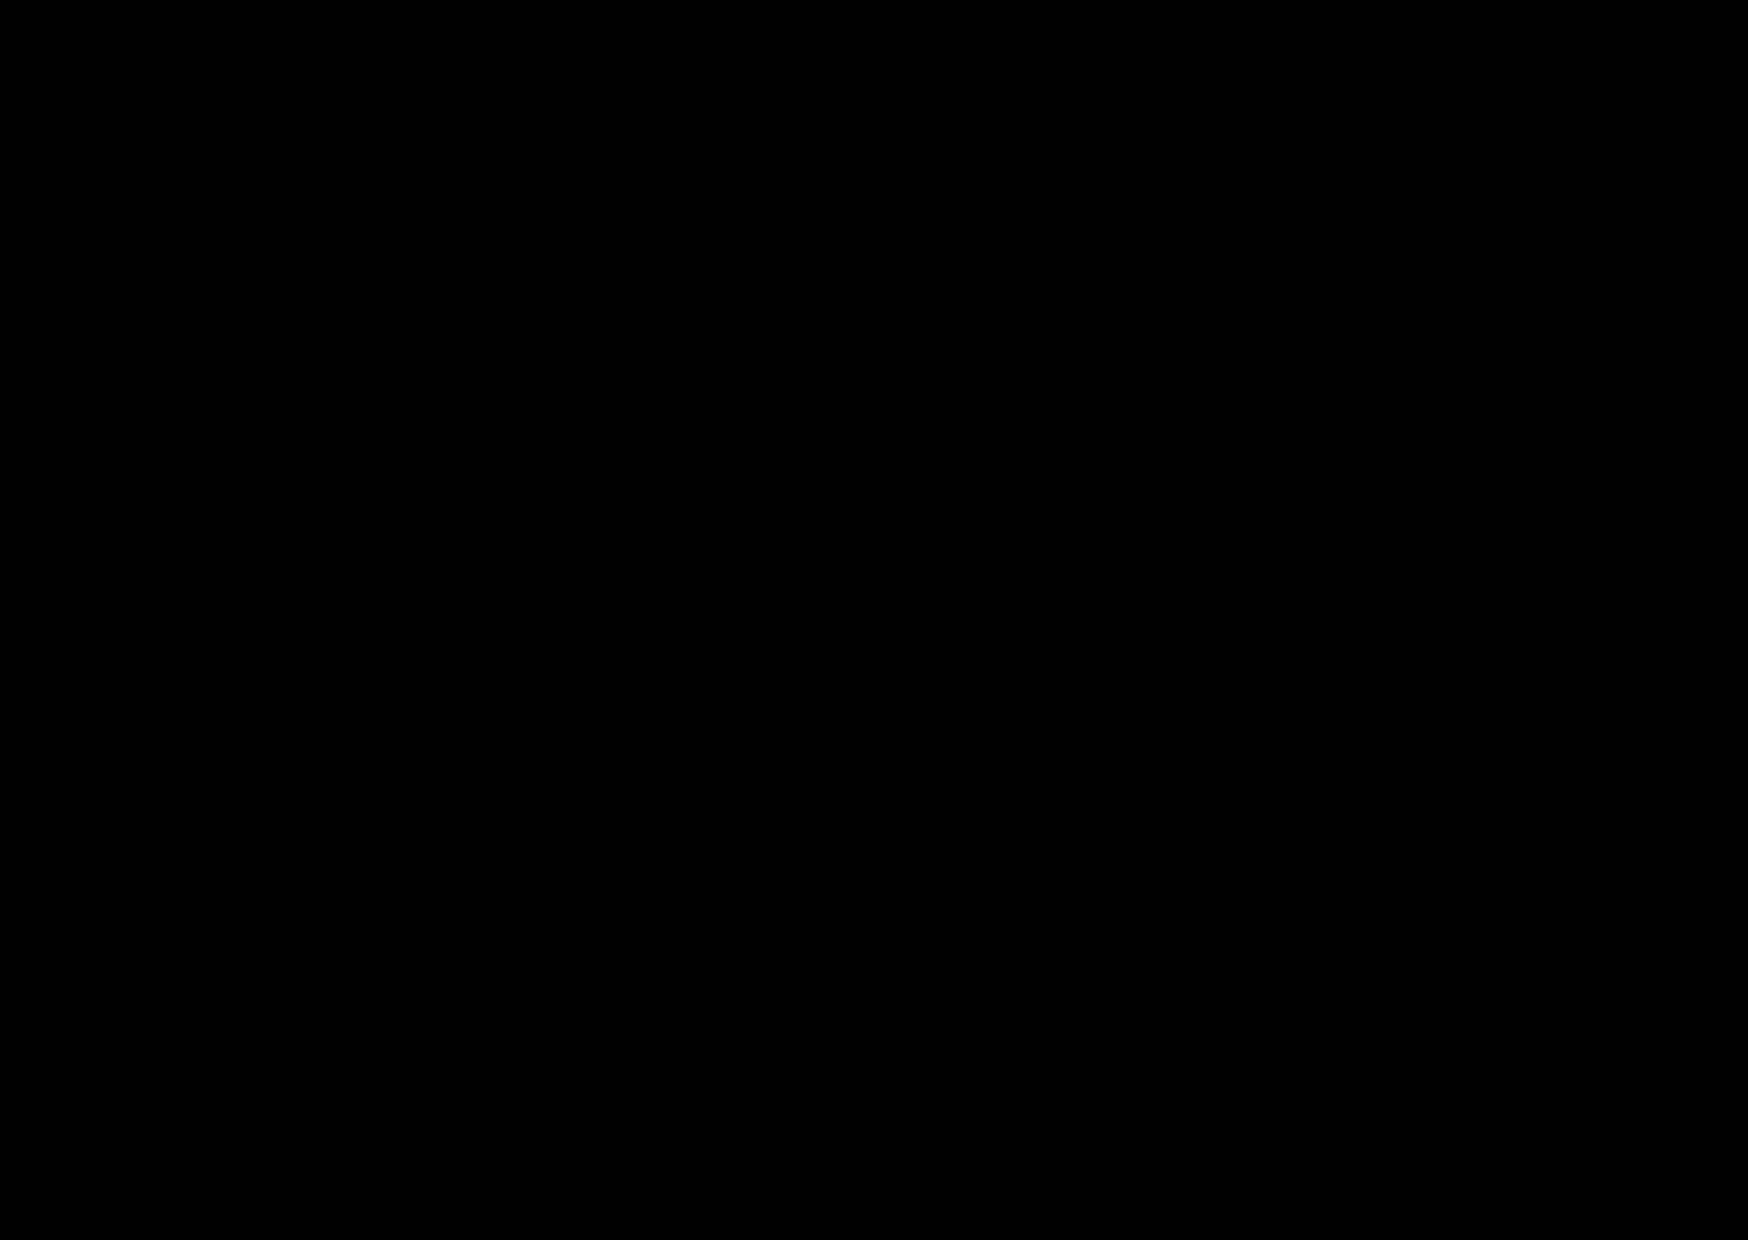 Platnost křížku v notovém zápisu